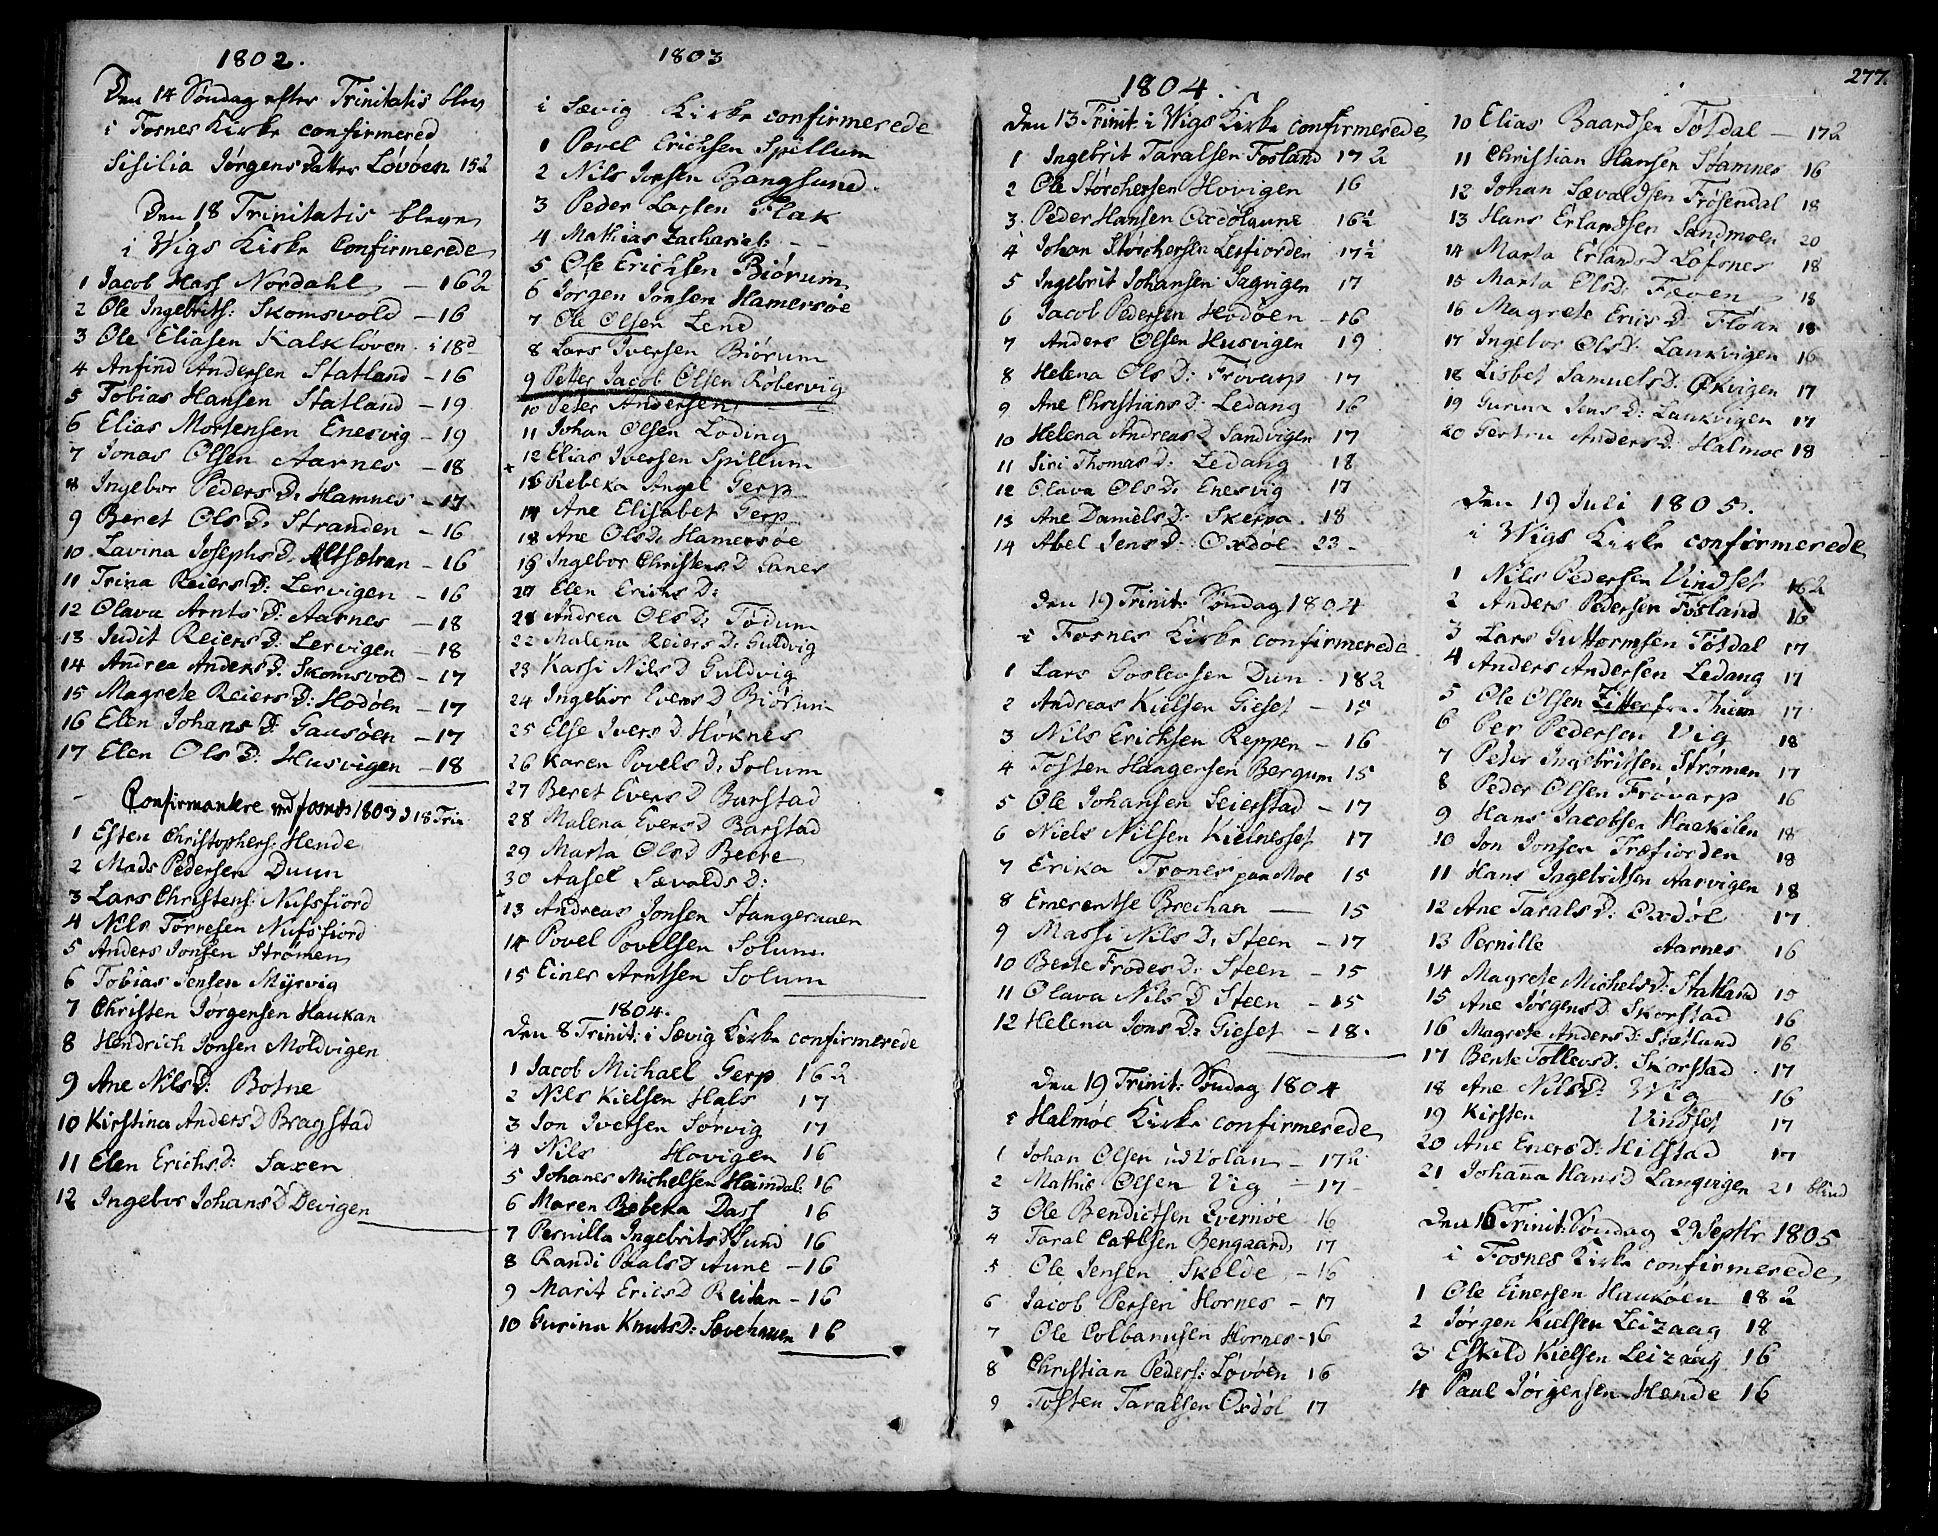 SAT, Ministerialprotokoller, klokkerbøker og fødselsregistre - Nord-Trøndelag, 773/L0608: Ministerialbok nr. 773A02, 1784-1816, s. 277